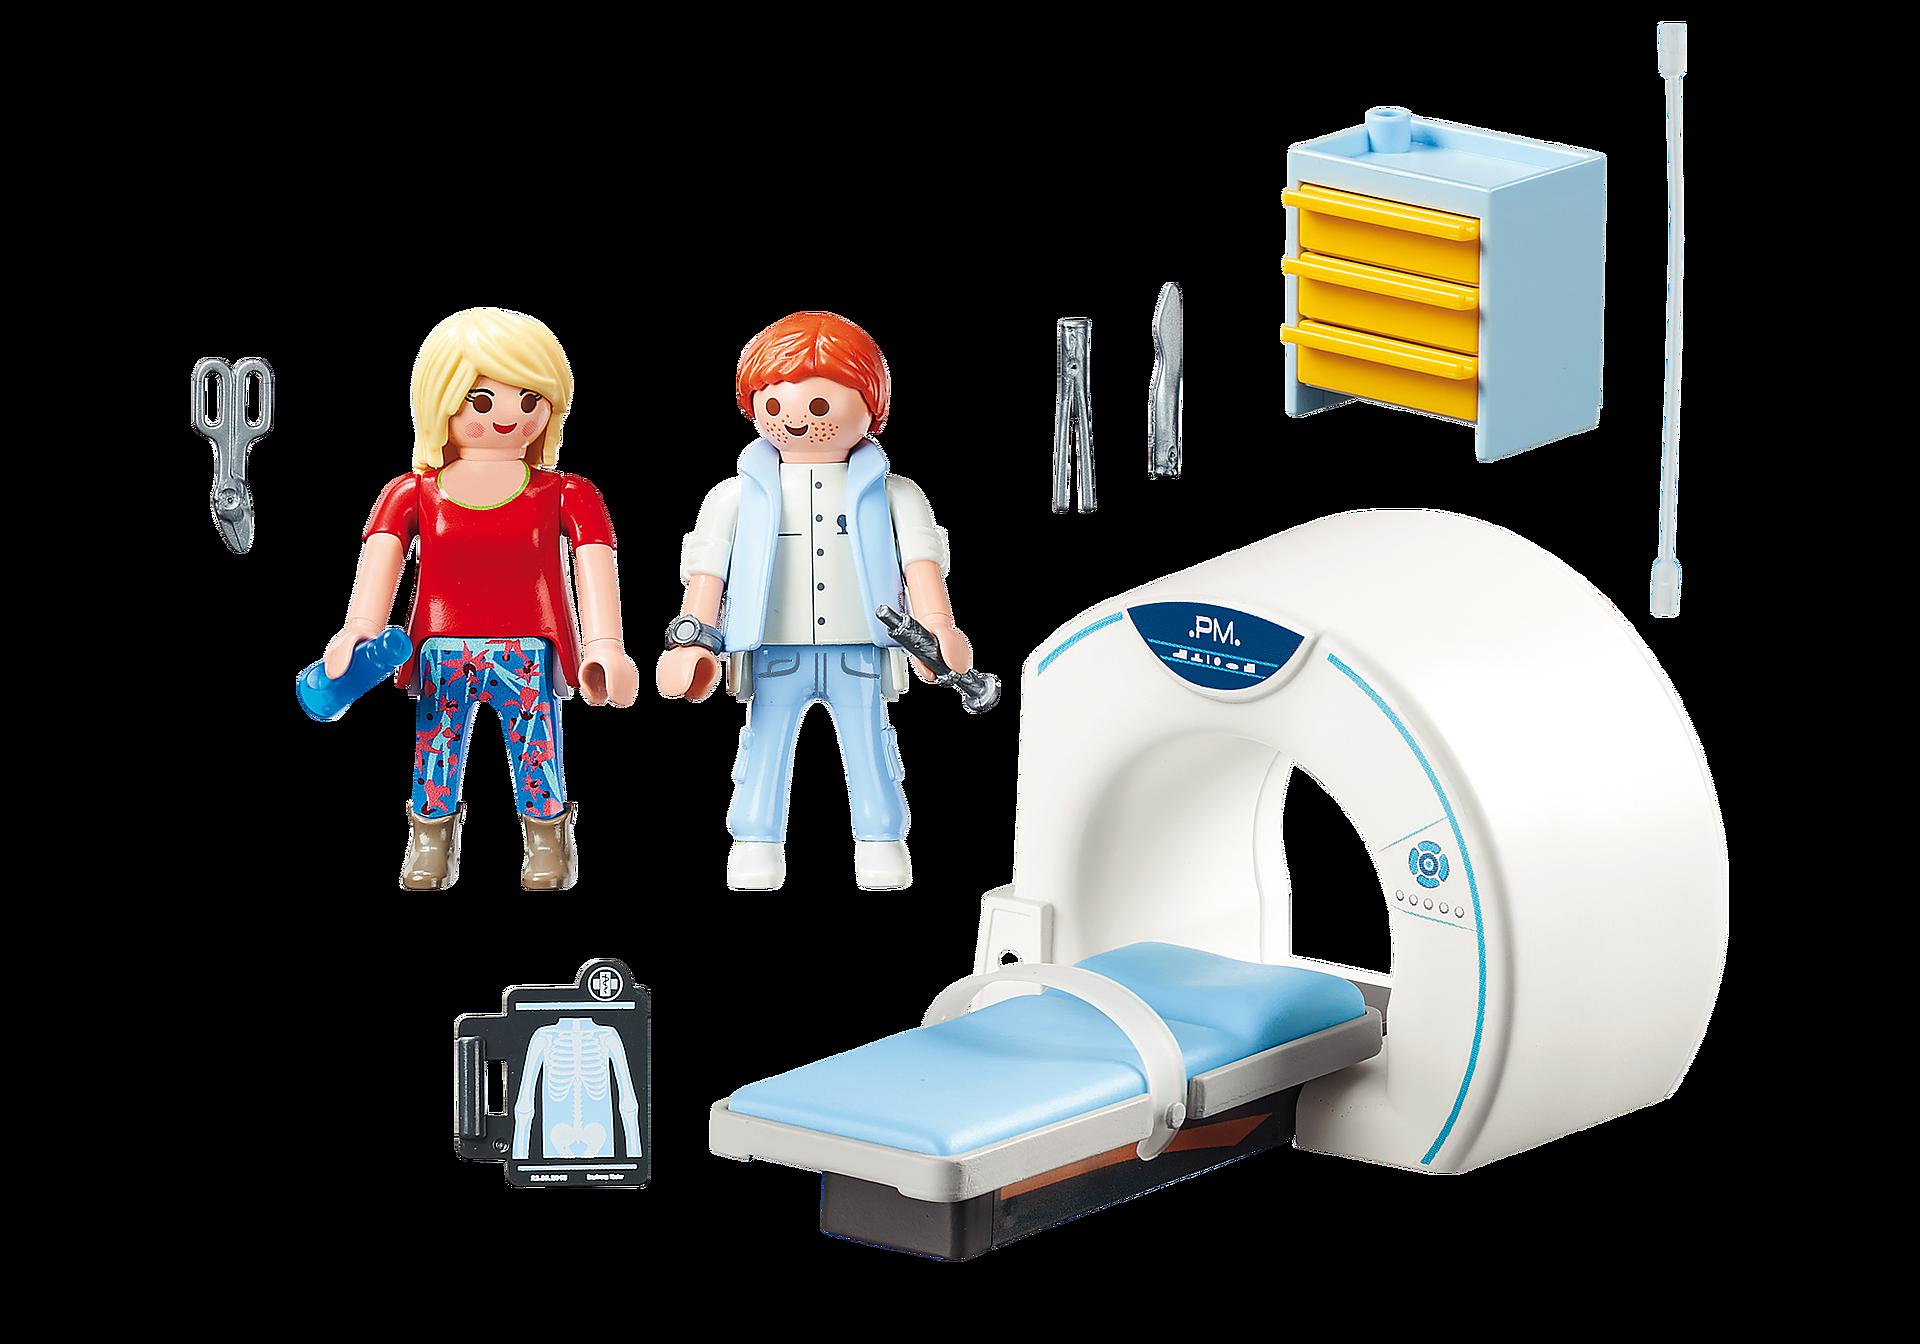 70196 Salle de radiologie  zoom image3